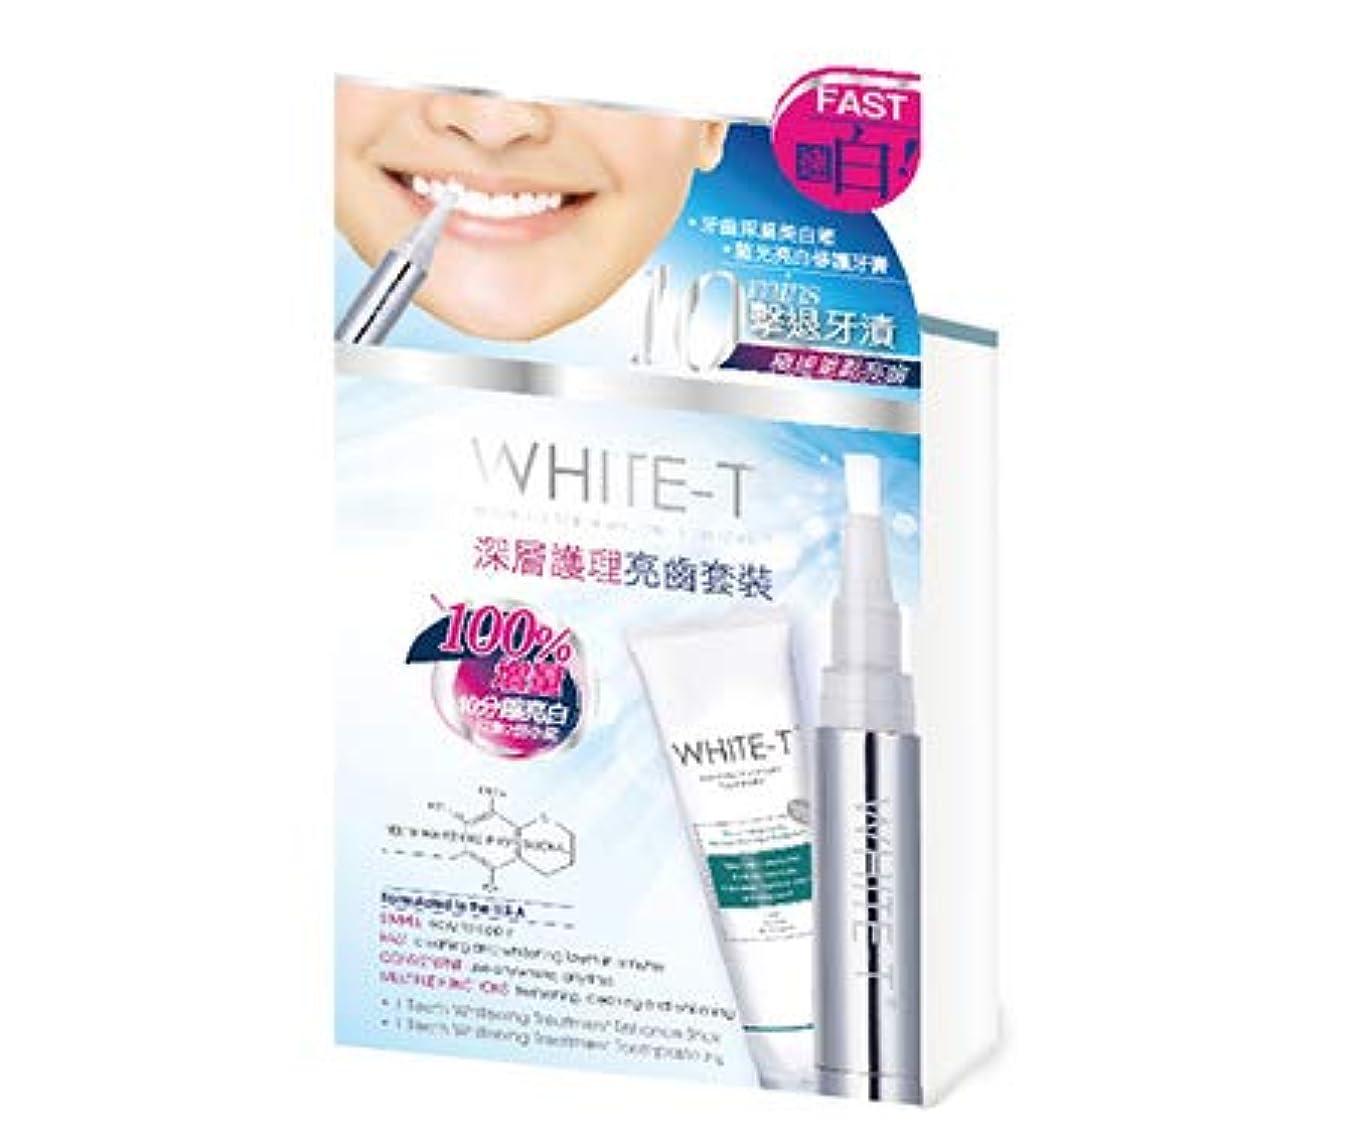 ピボット氏以内にWHITE-T ホワイトニング ペンタイプ(4ml) +ホワイトニング歯磨き粉(30g) 並行輸入品